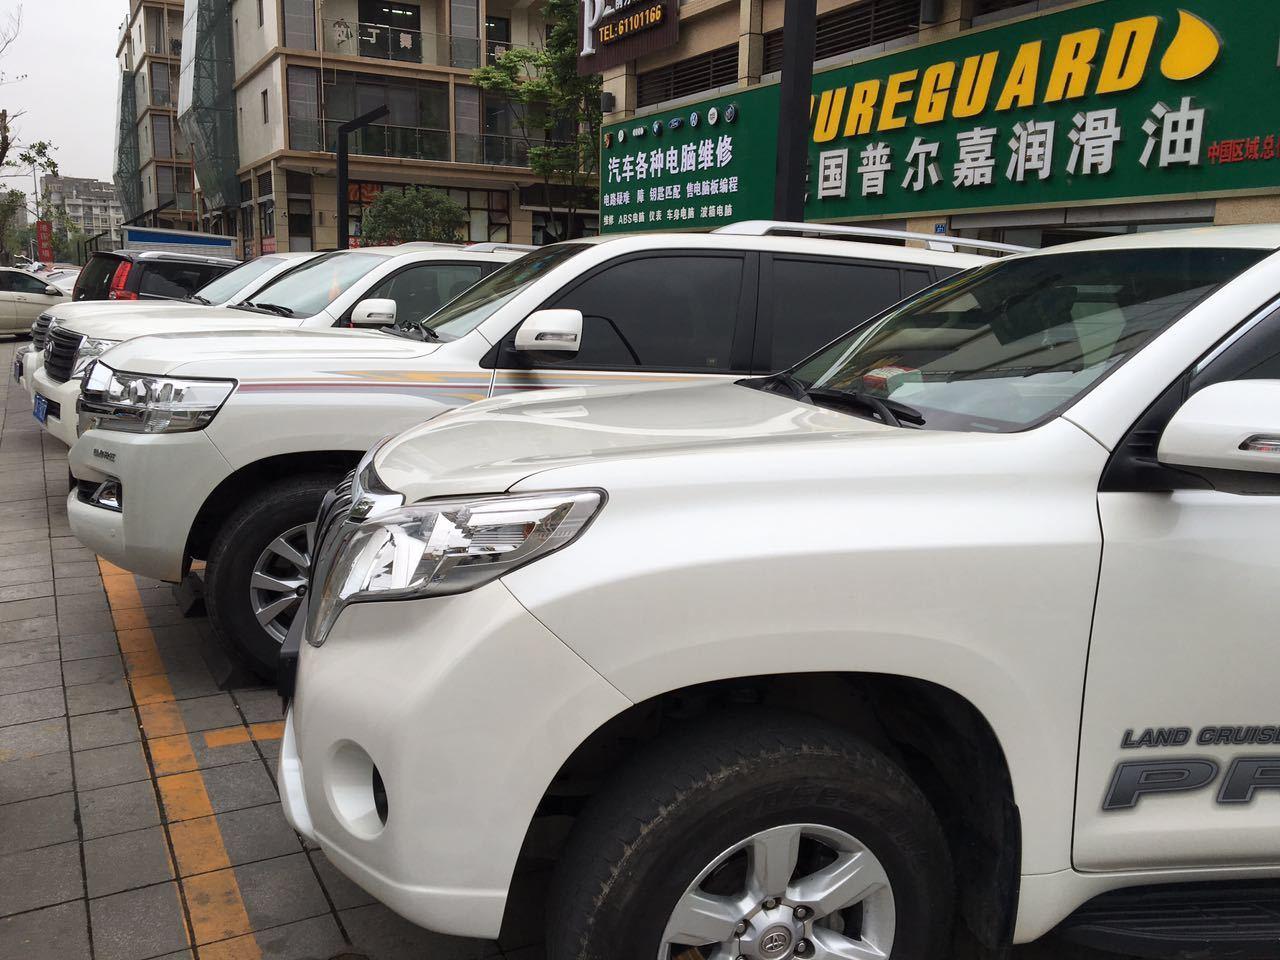 拉萨租车价格_川藏线老司机强力推荐从拉萨租车回成都费用低_搜狐旅游_搜狐网